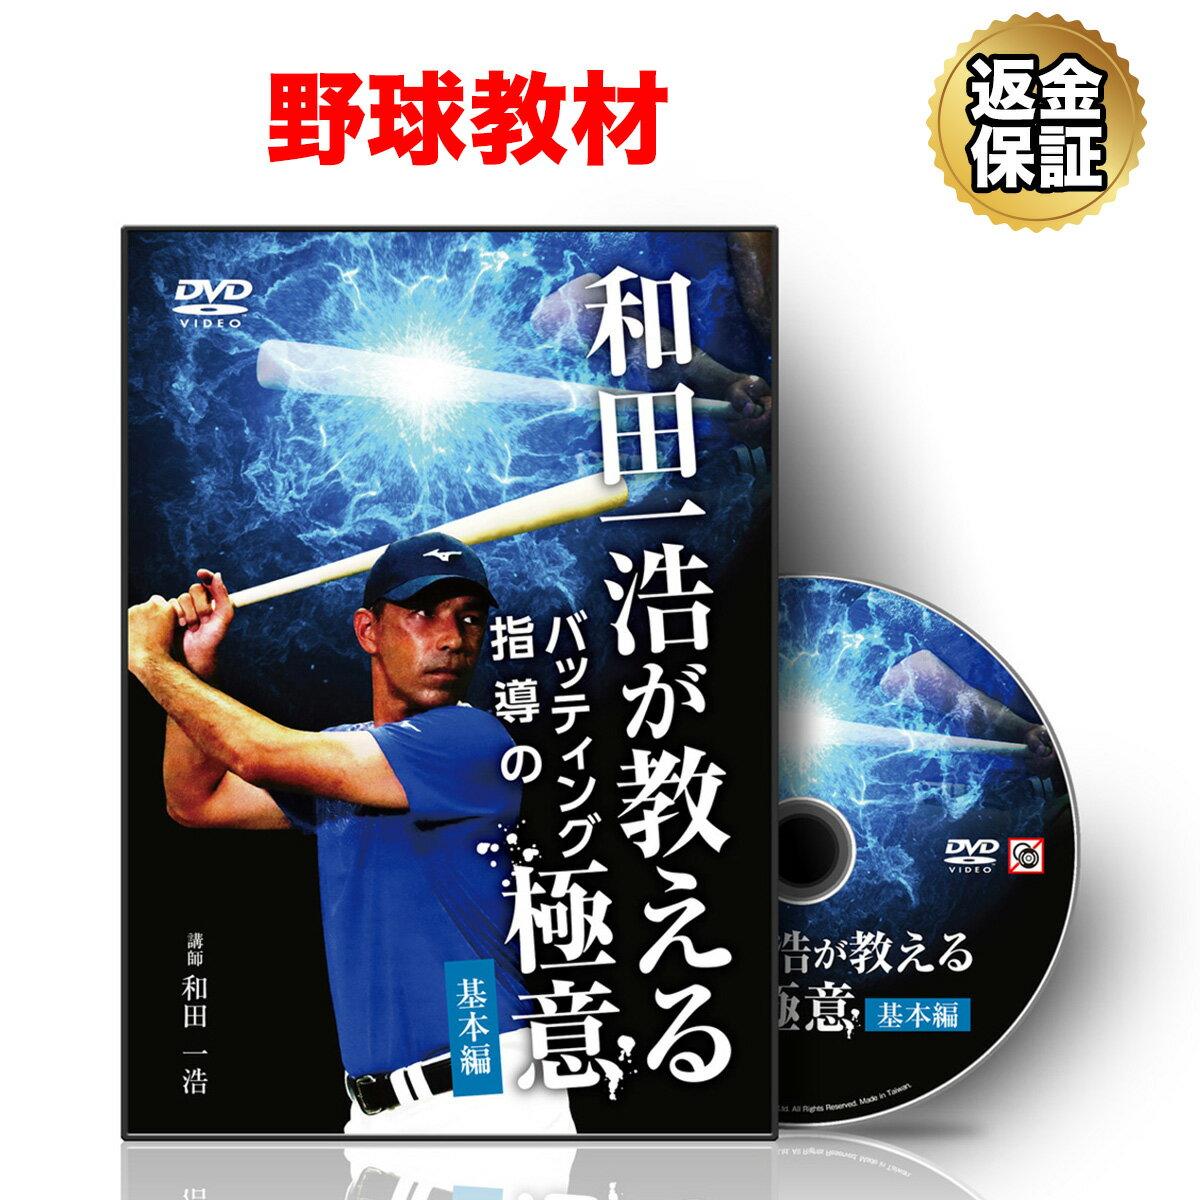 【野球】和田一浩が教えるバッティング指導の極意〜基本編〜